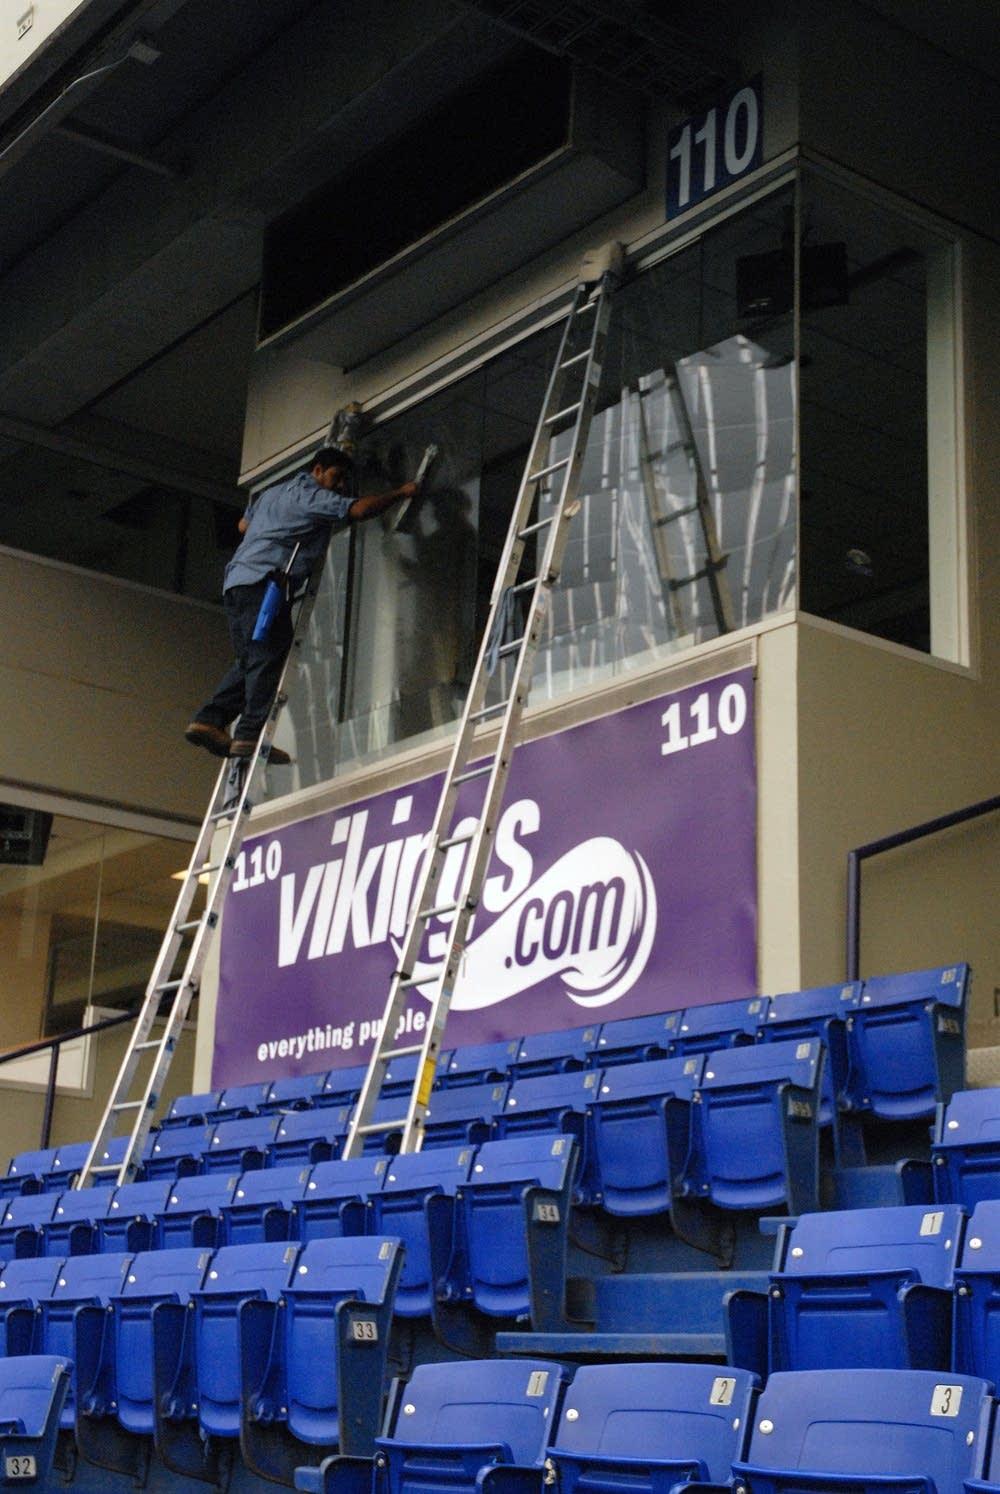 Stadium preparation